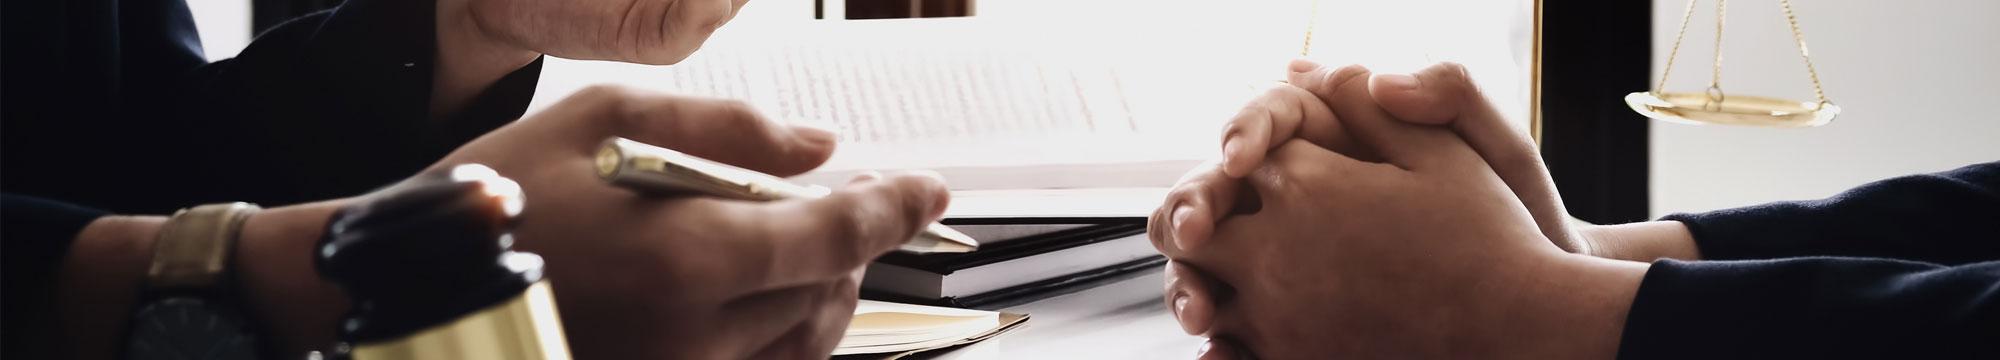 Nota informativa: Dubtes laborals i fiscals davant la COVID-19